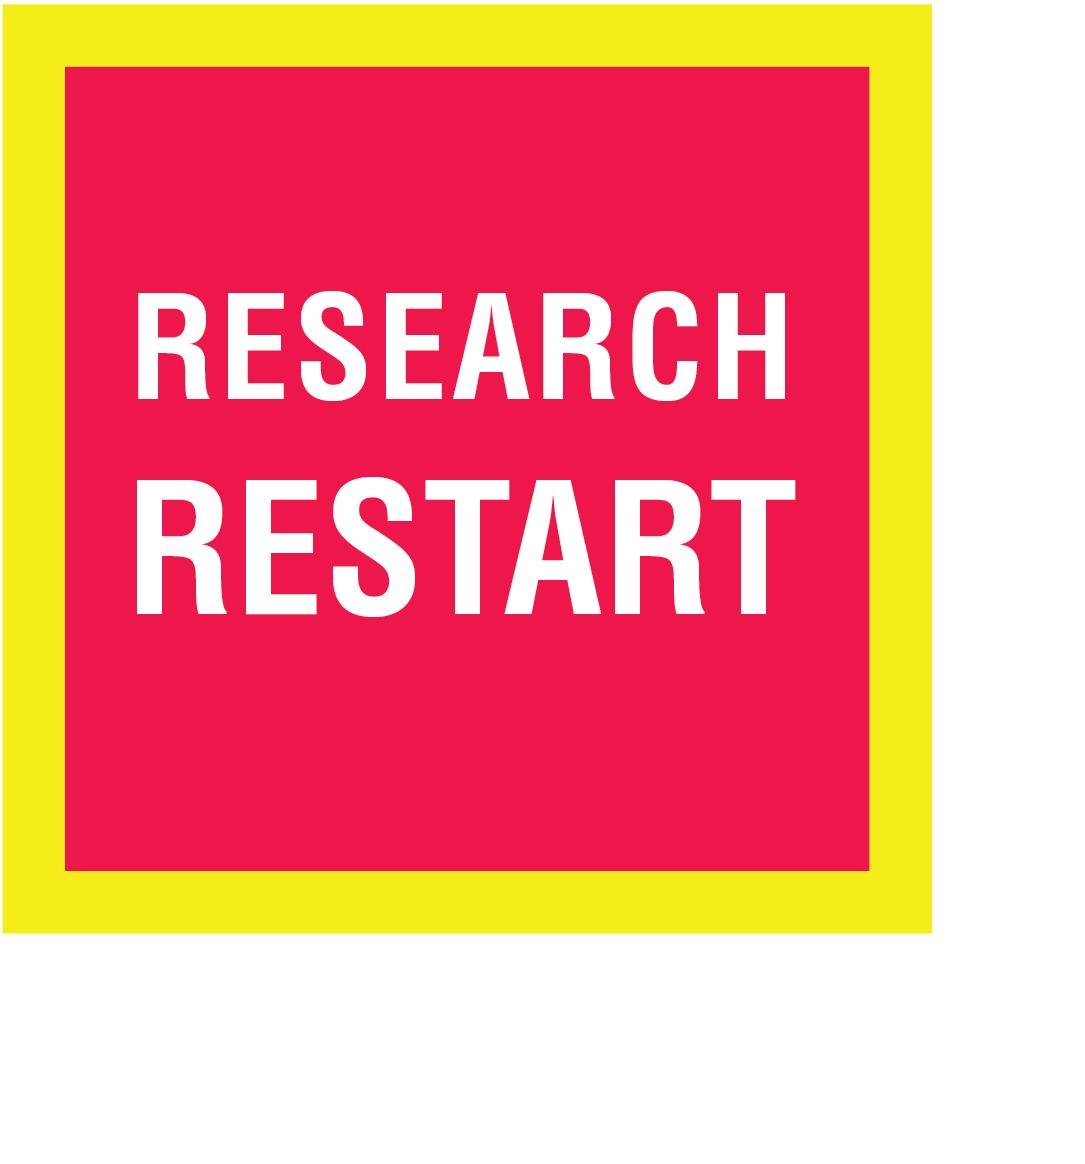 Research Restart